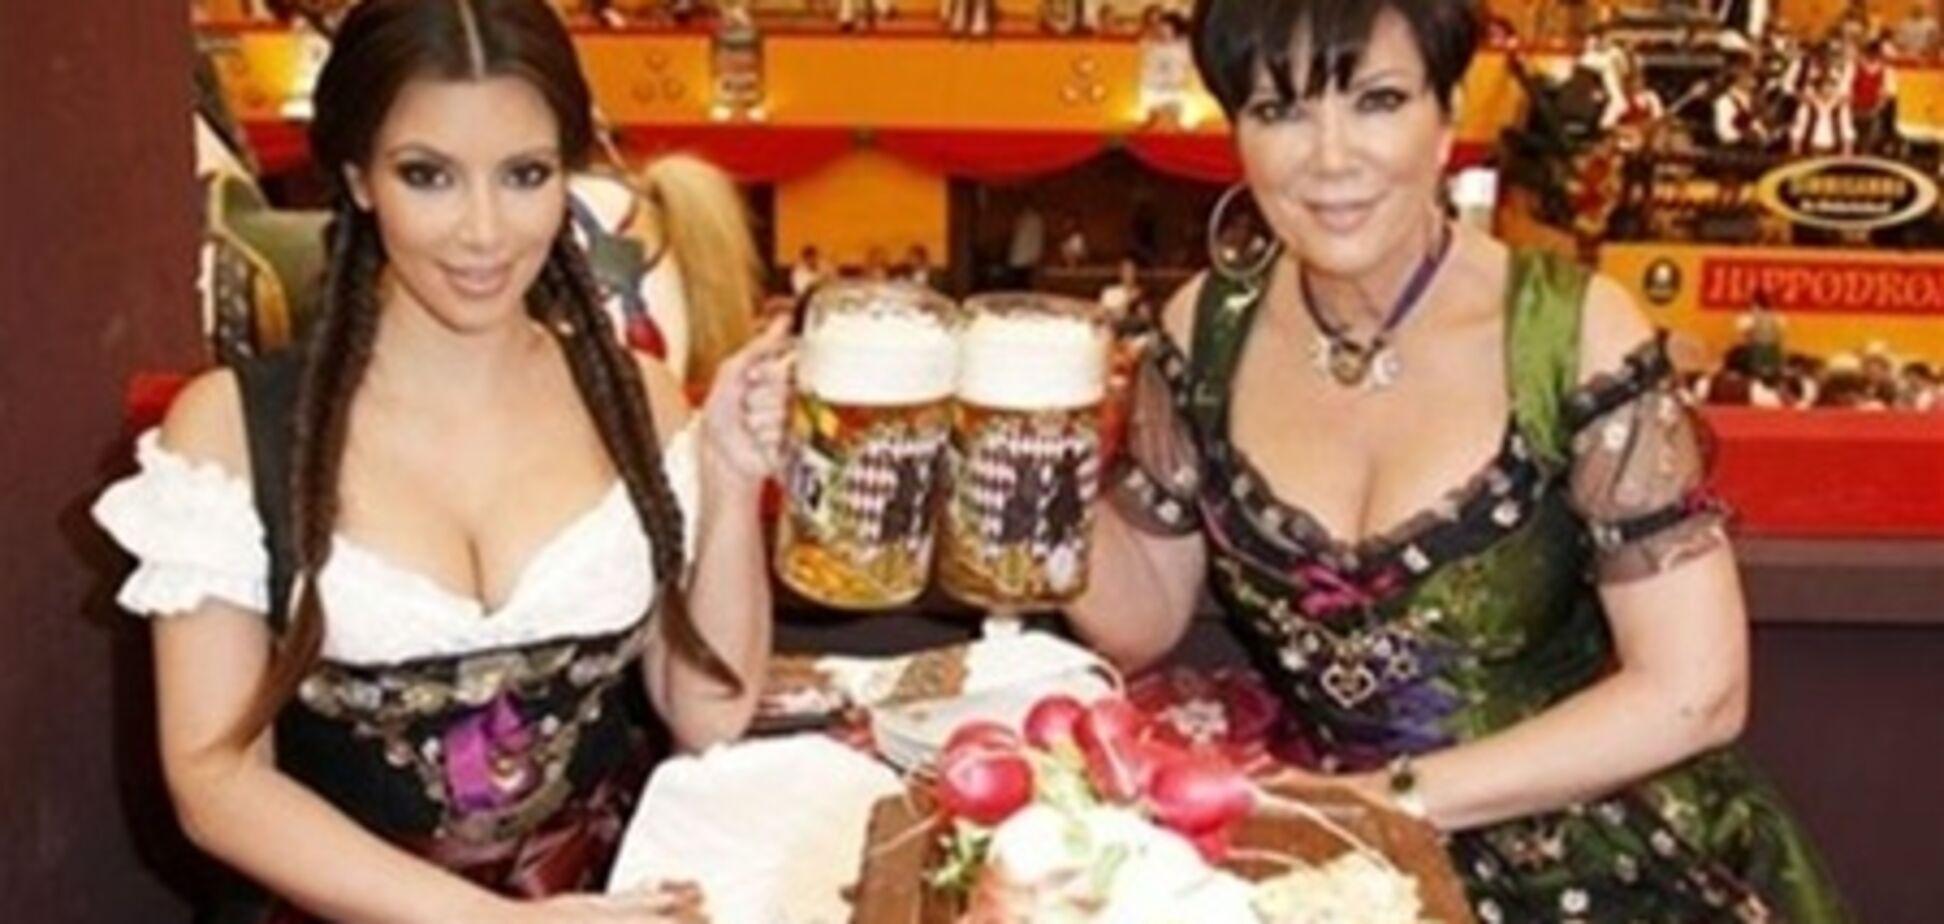 В Германии провели перепись и недосчитались 1,5 млн человек